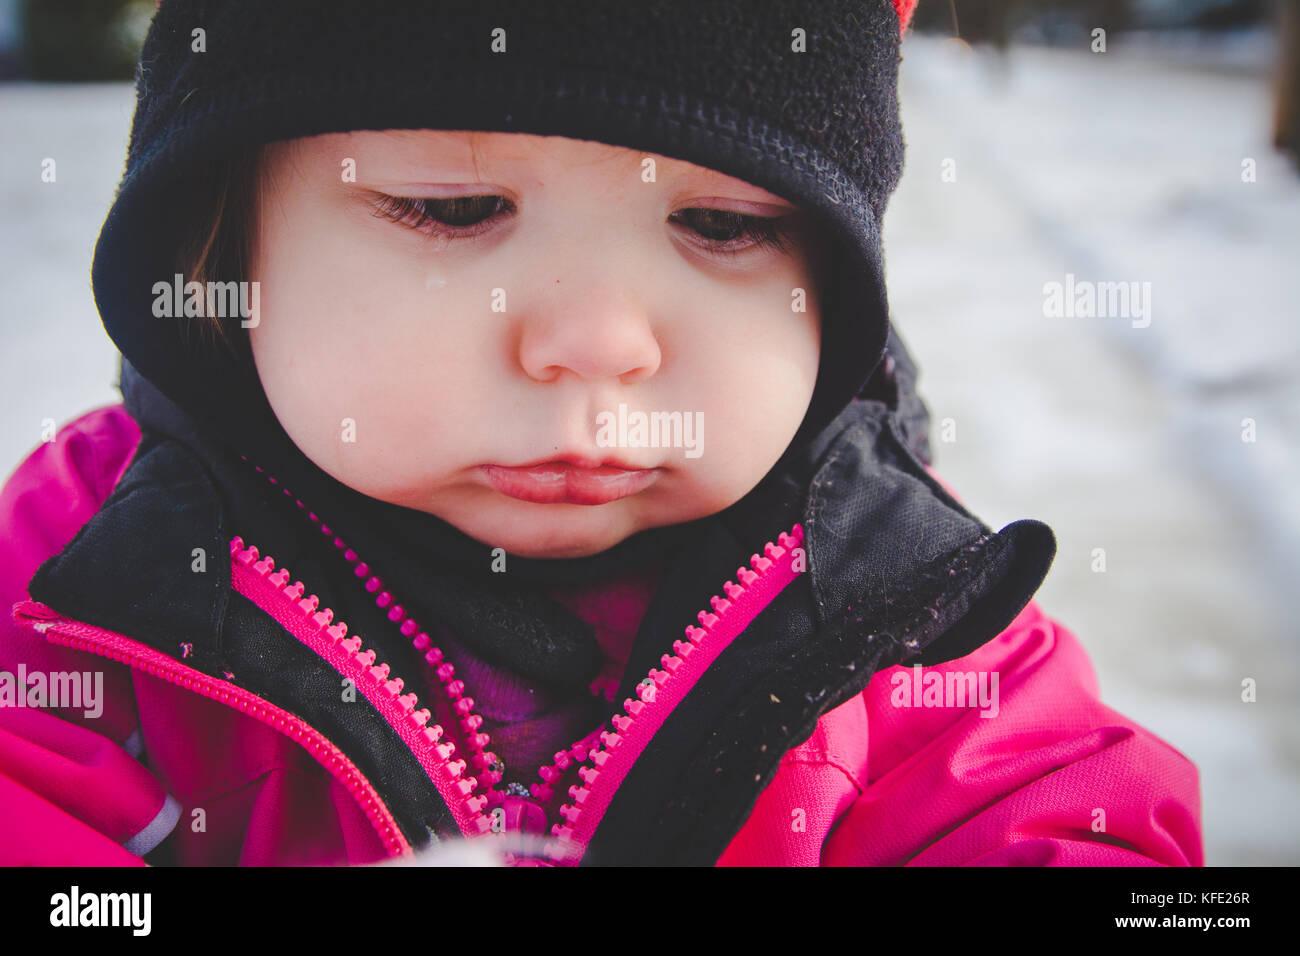 Bambino in piedi nella neve indossando abiti invernali Immagini Stock